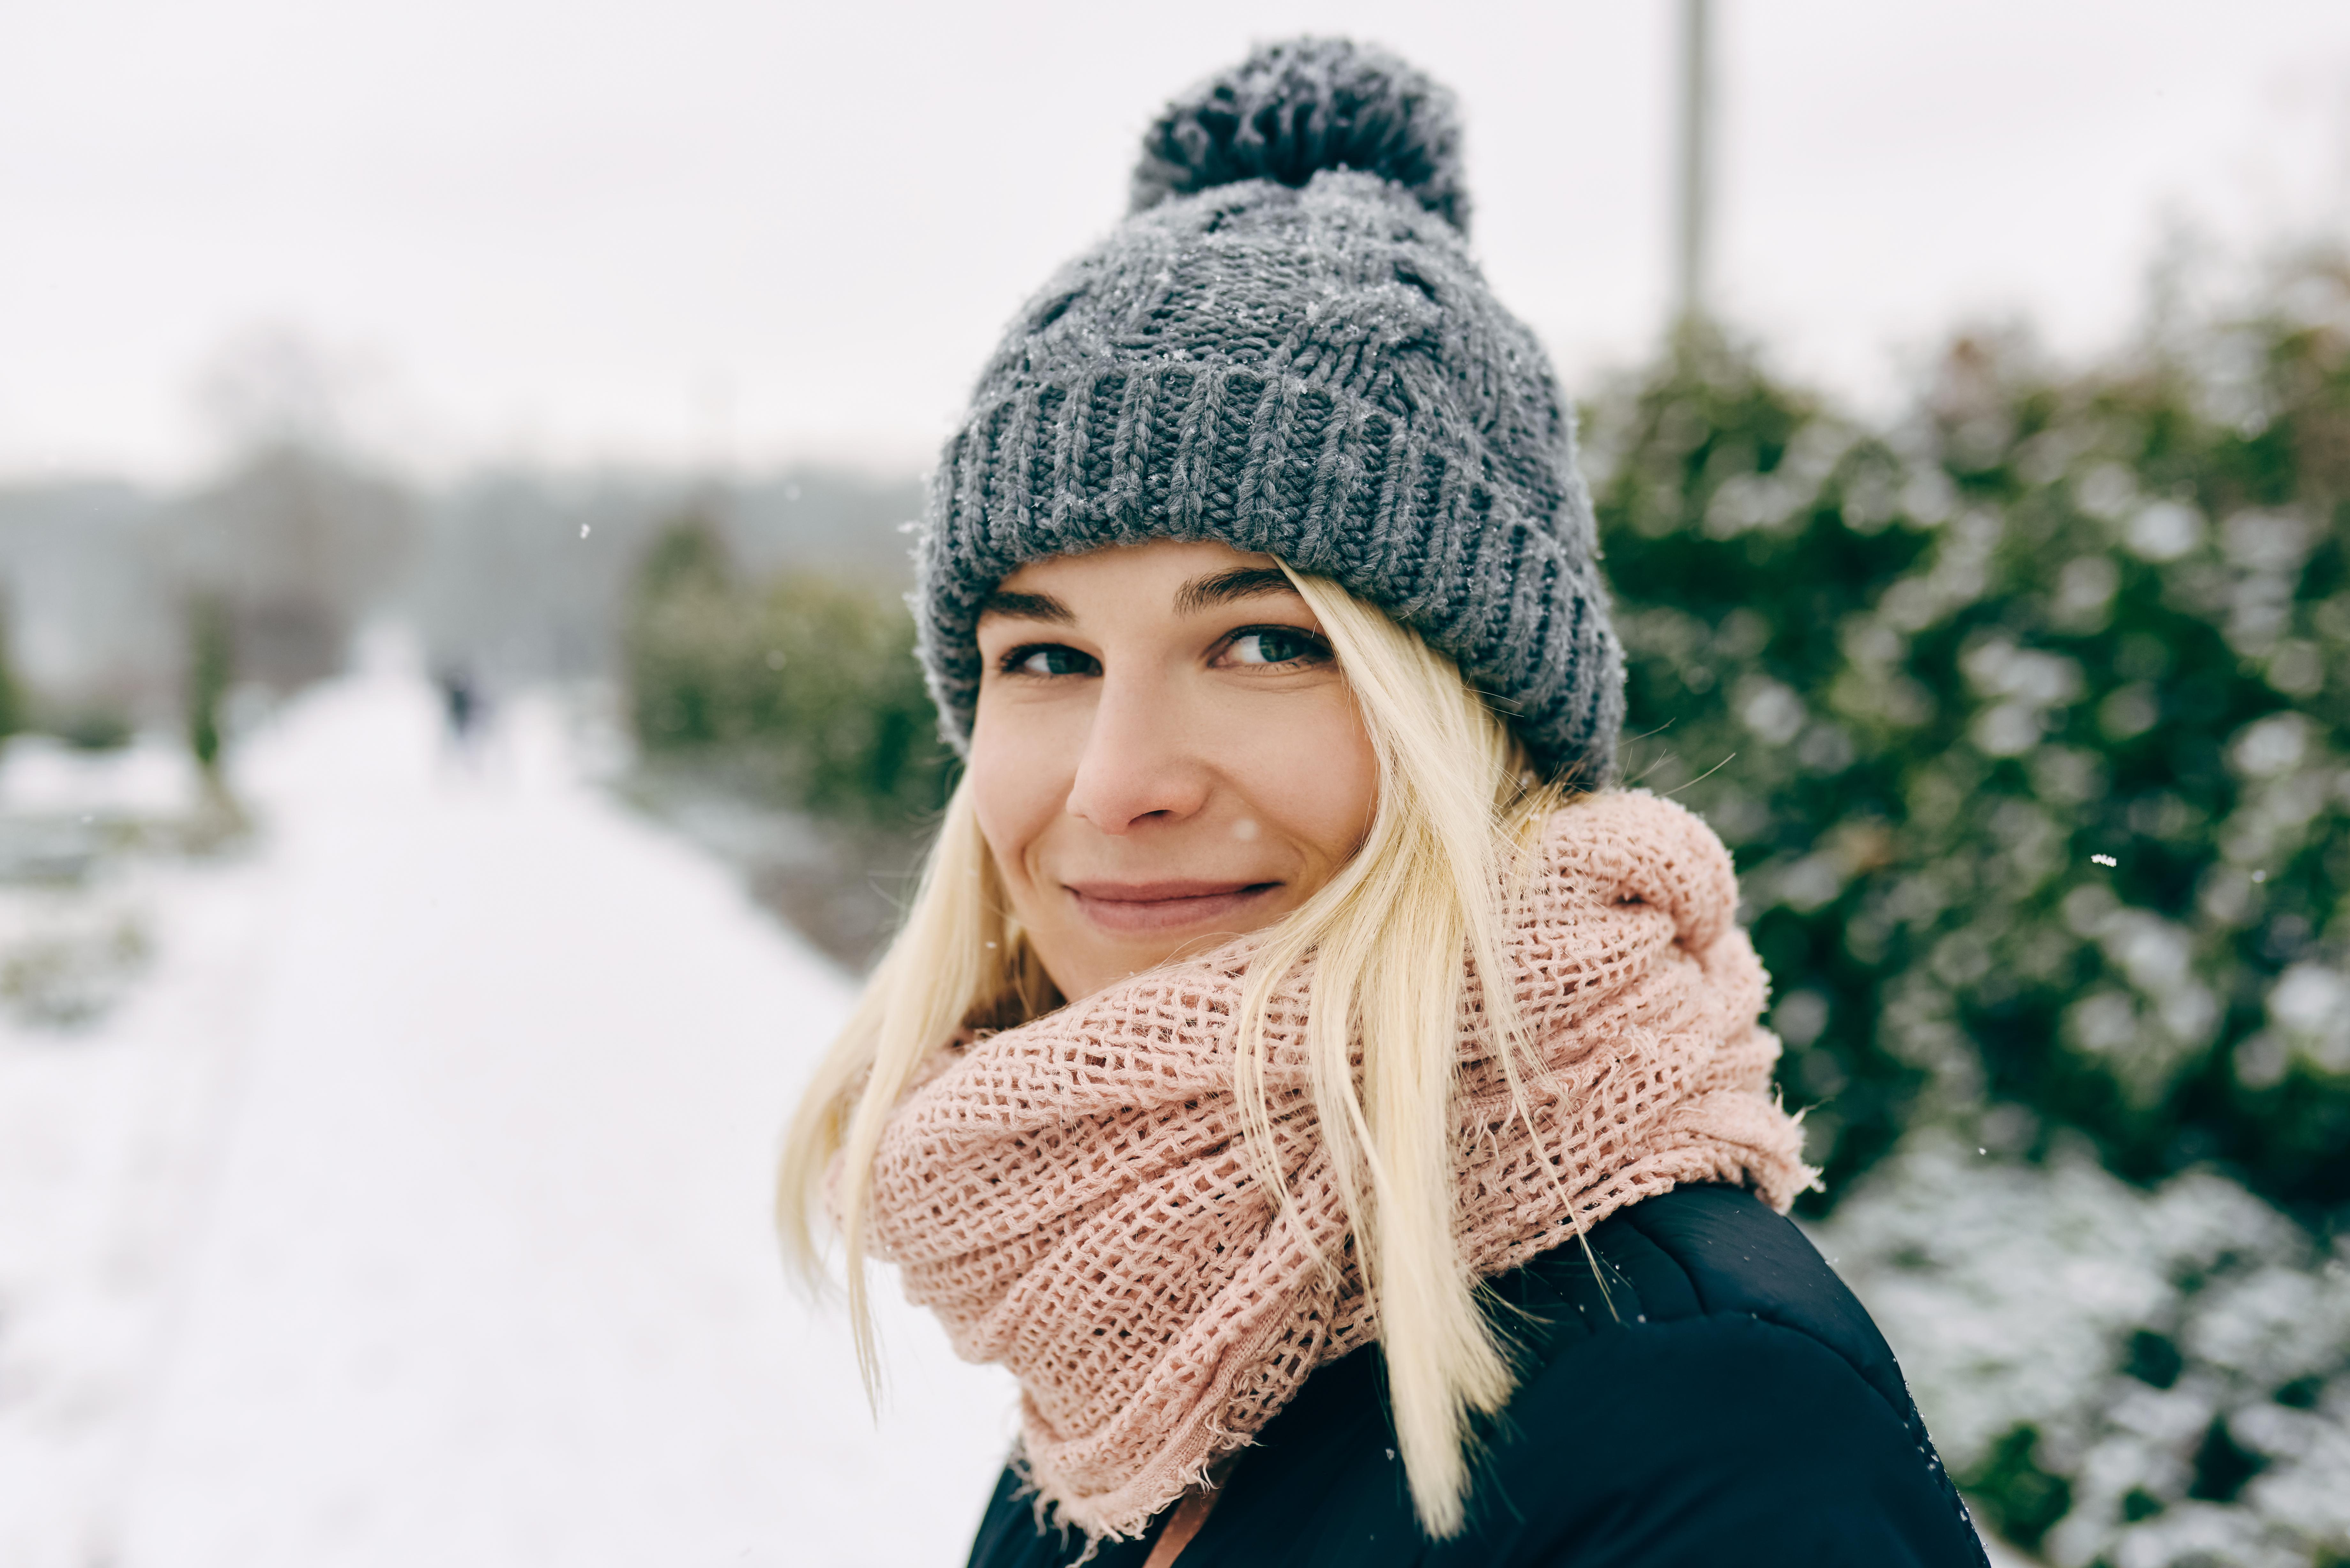 Med lite tips kan du göra det bästa av situationen för att vända vinterdepp till vinterpepp.